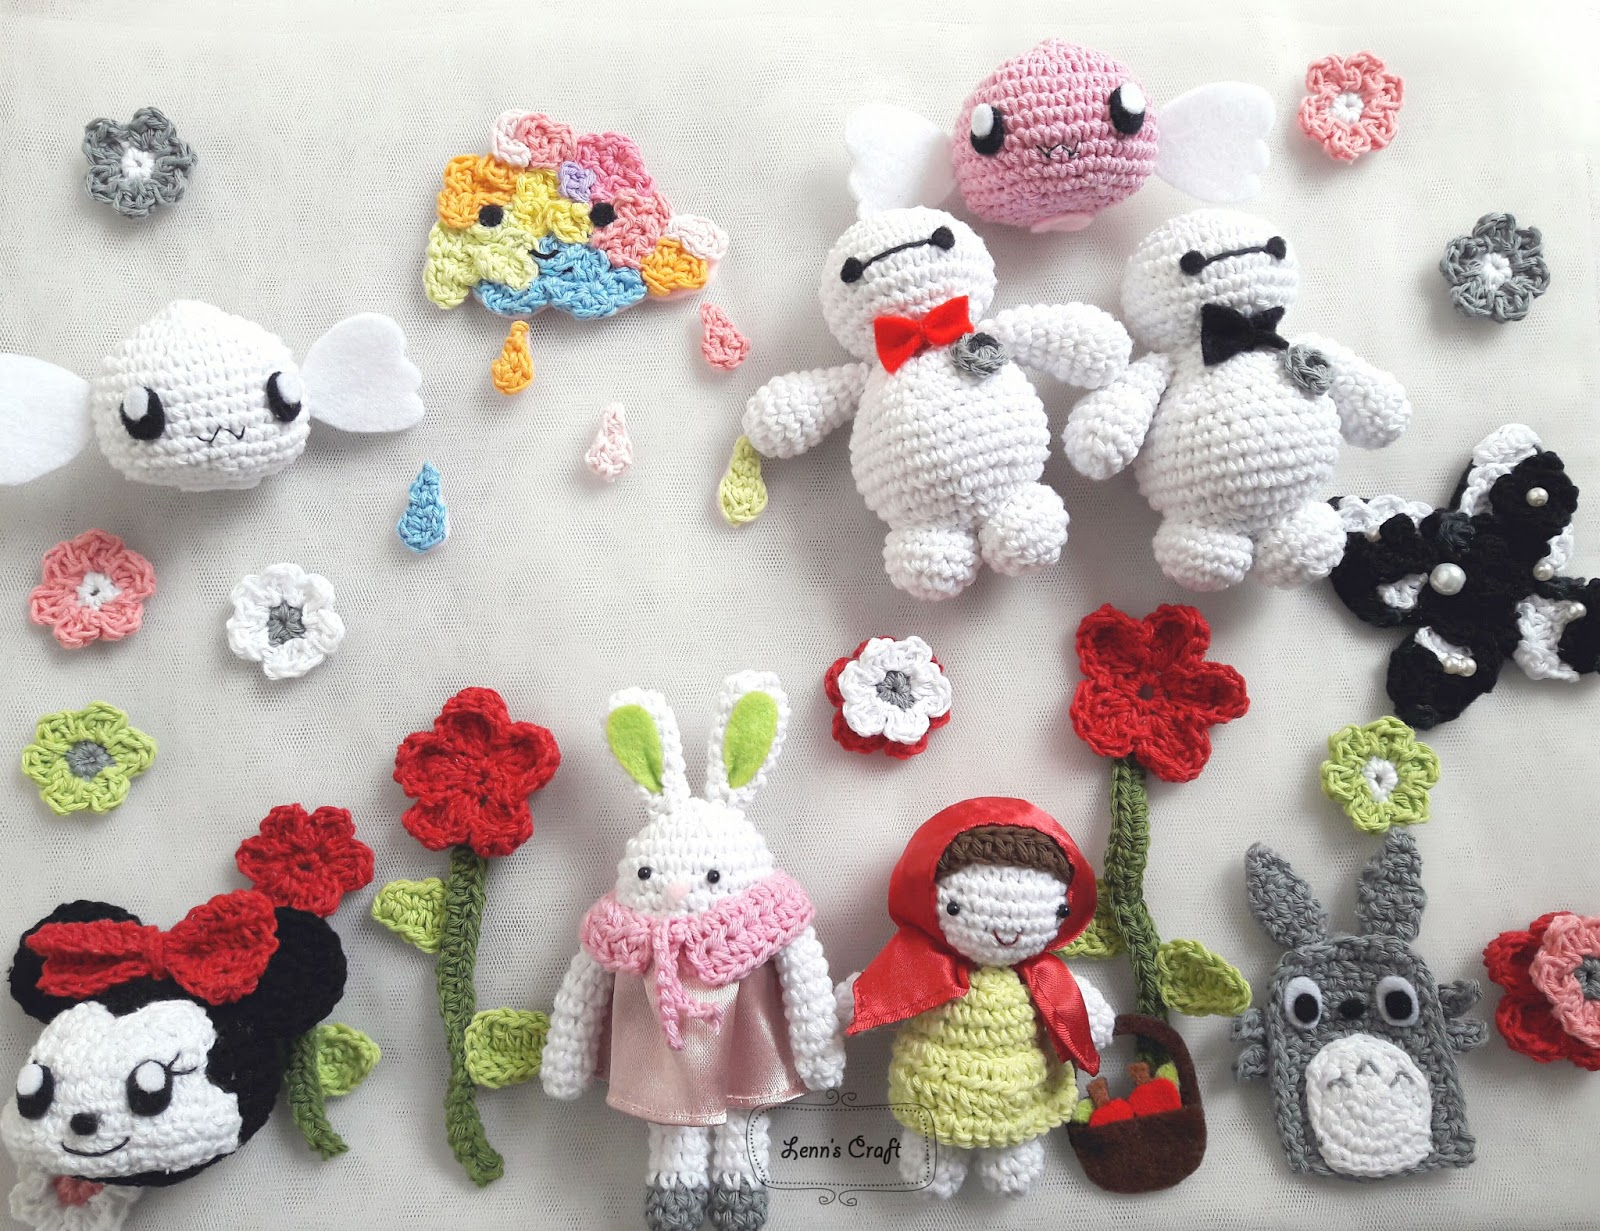 Amigurumi Boneka : Lenn s craft handmade doll amigurumi amigurumi a k a